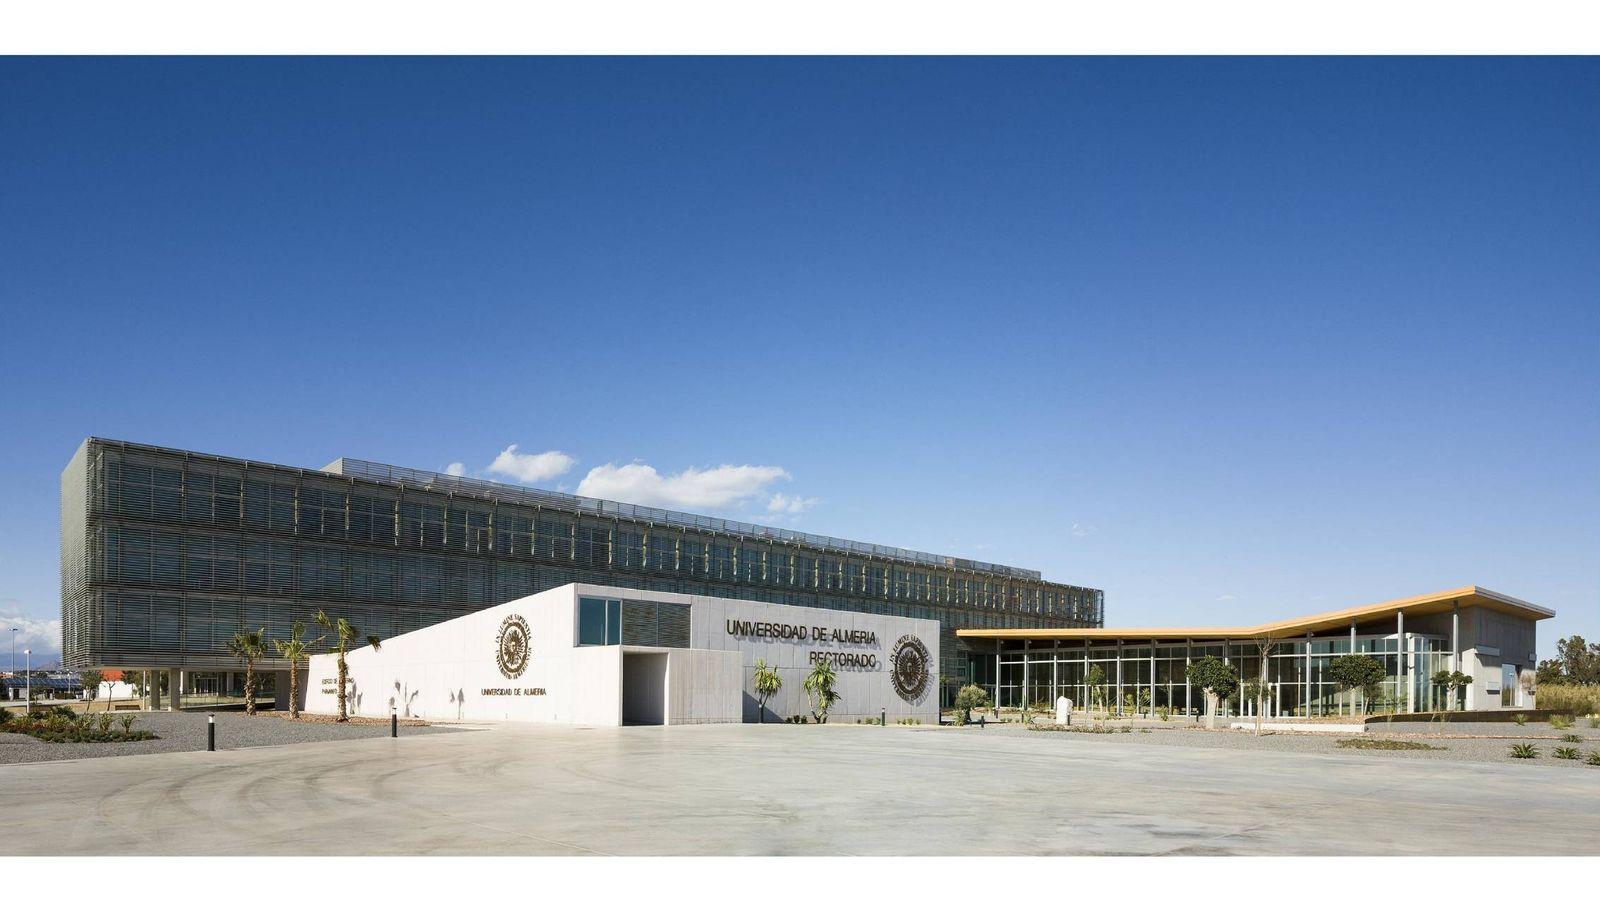 Foto: Universidad de Almería. (Página web de FAQ)